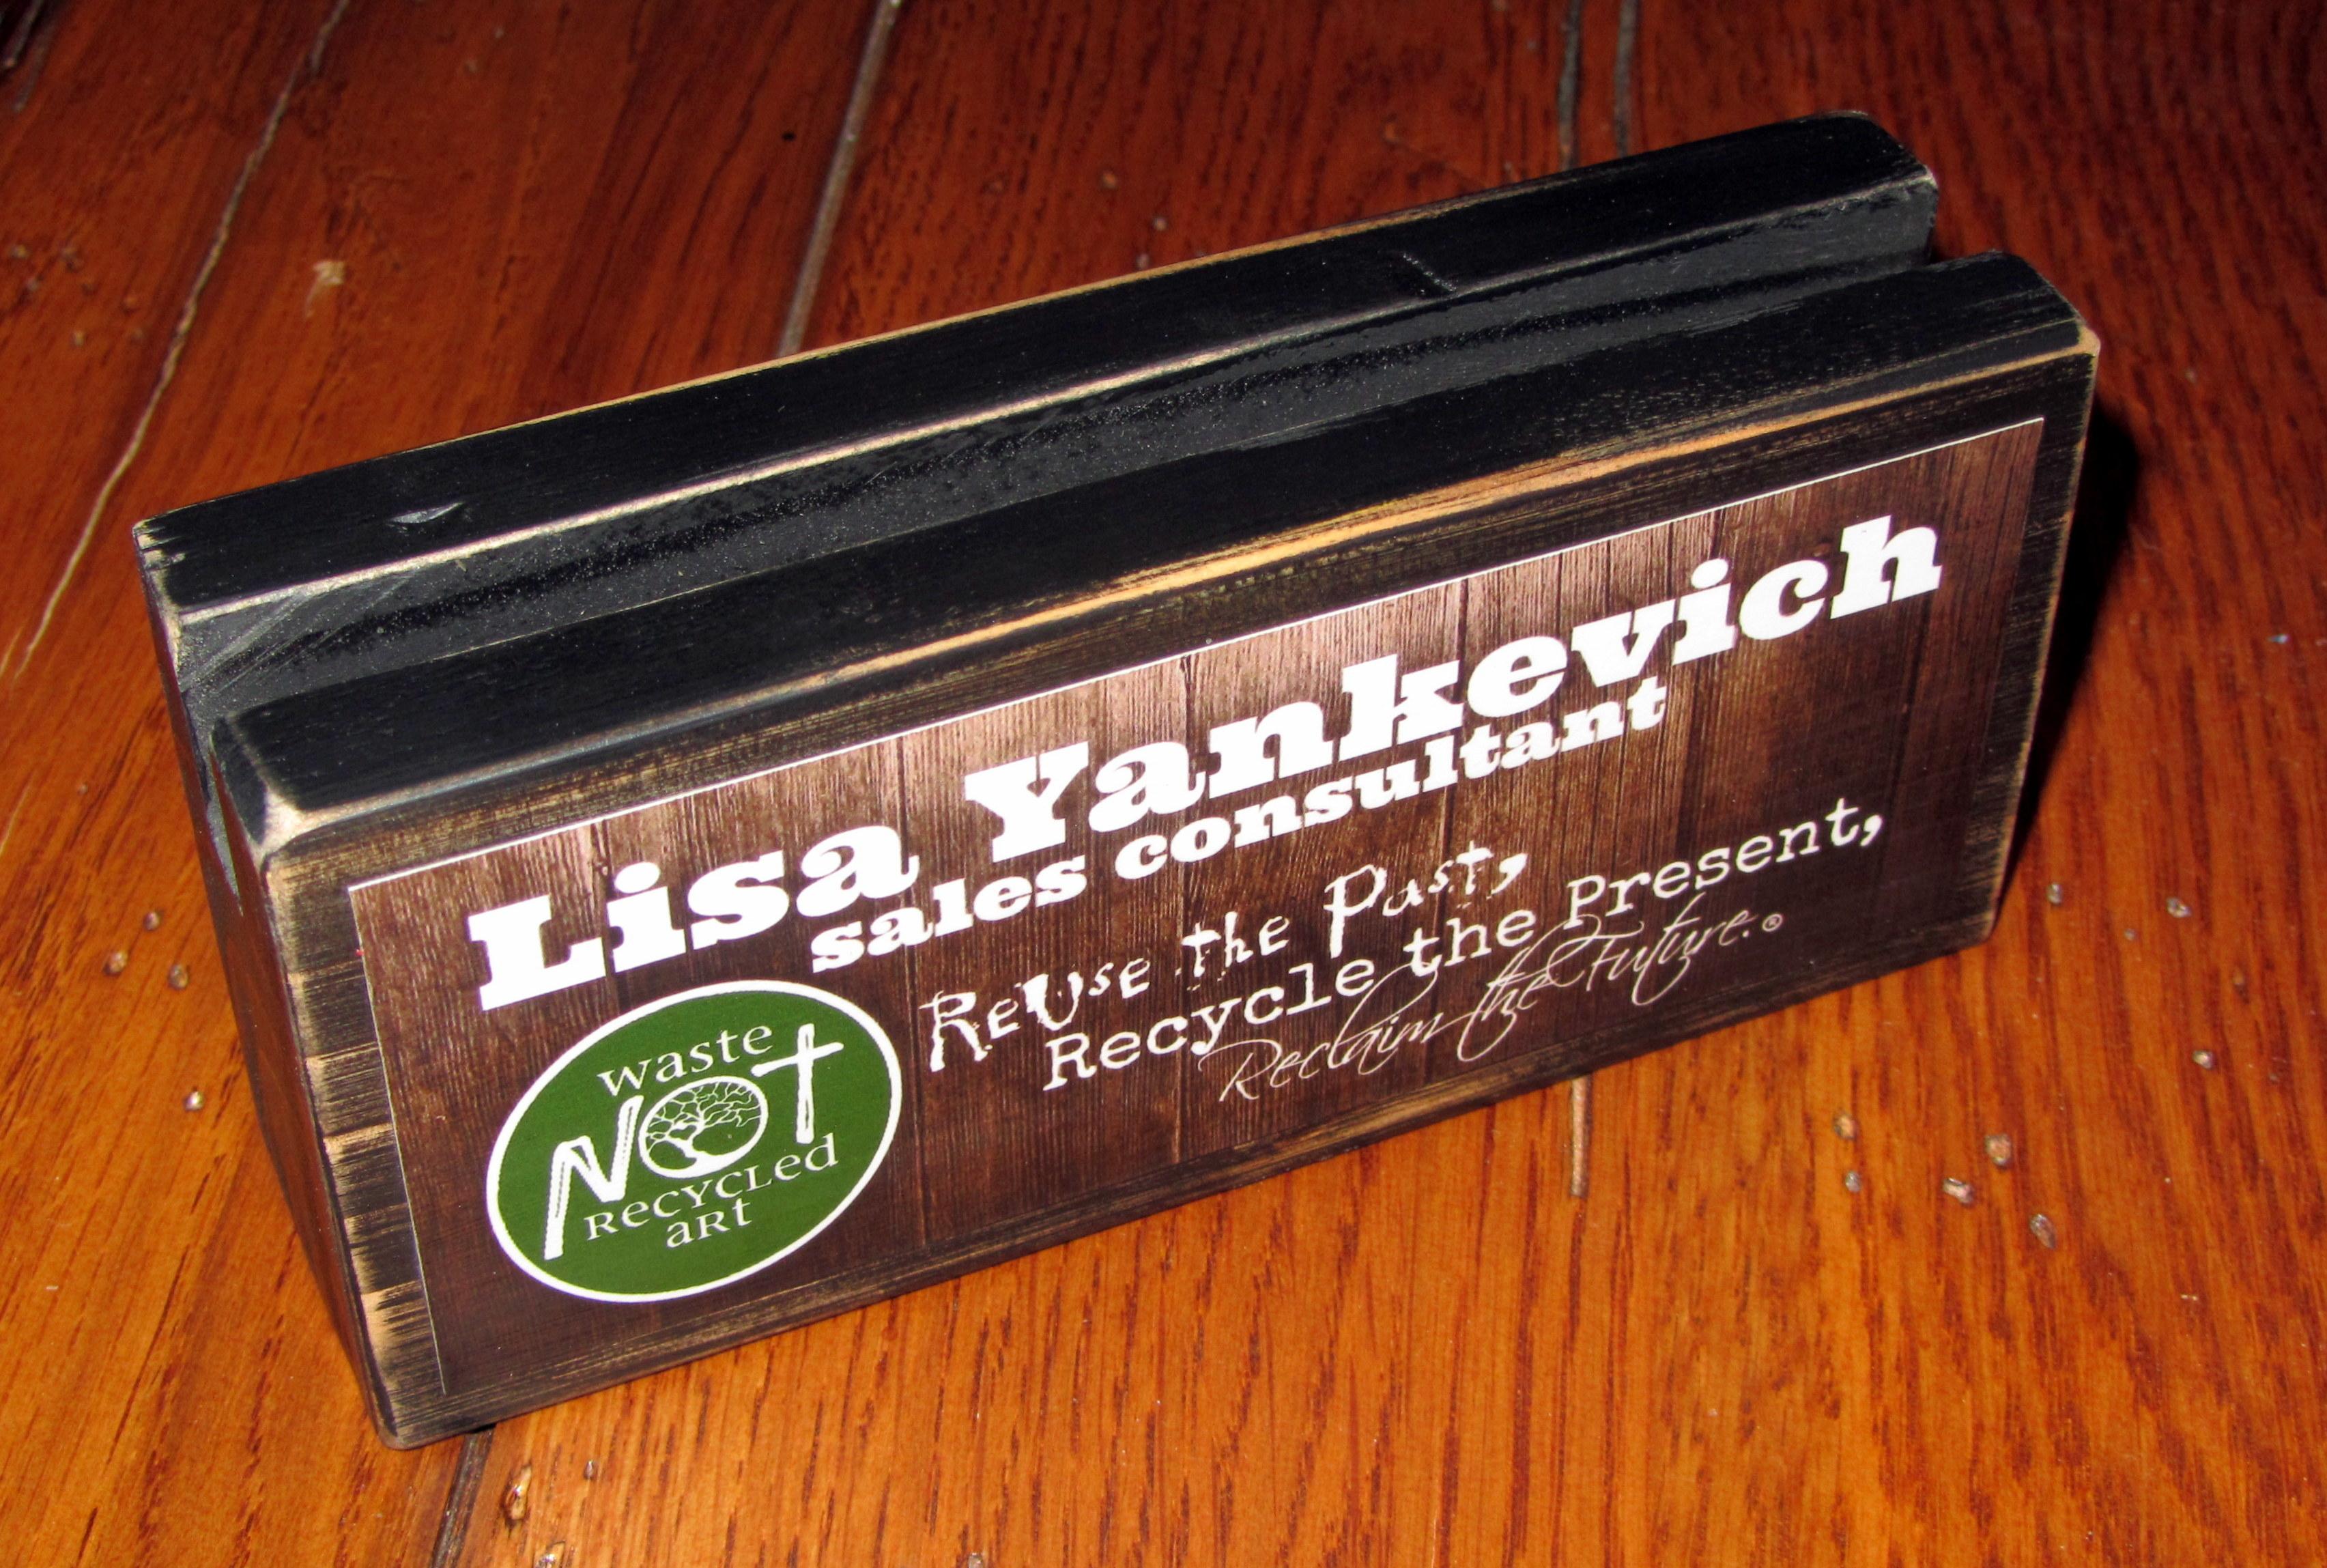 business card holder-001.JPG